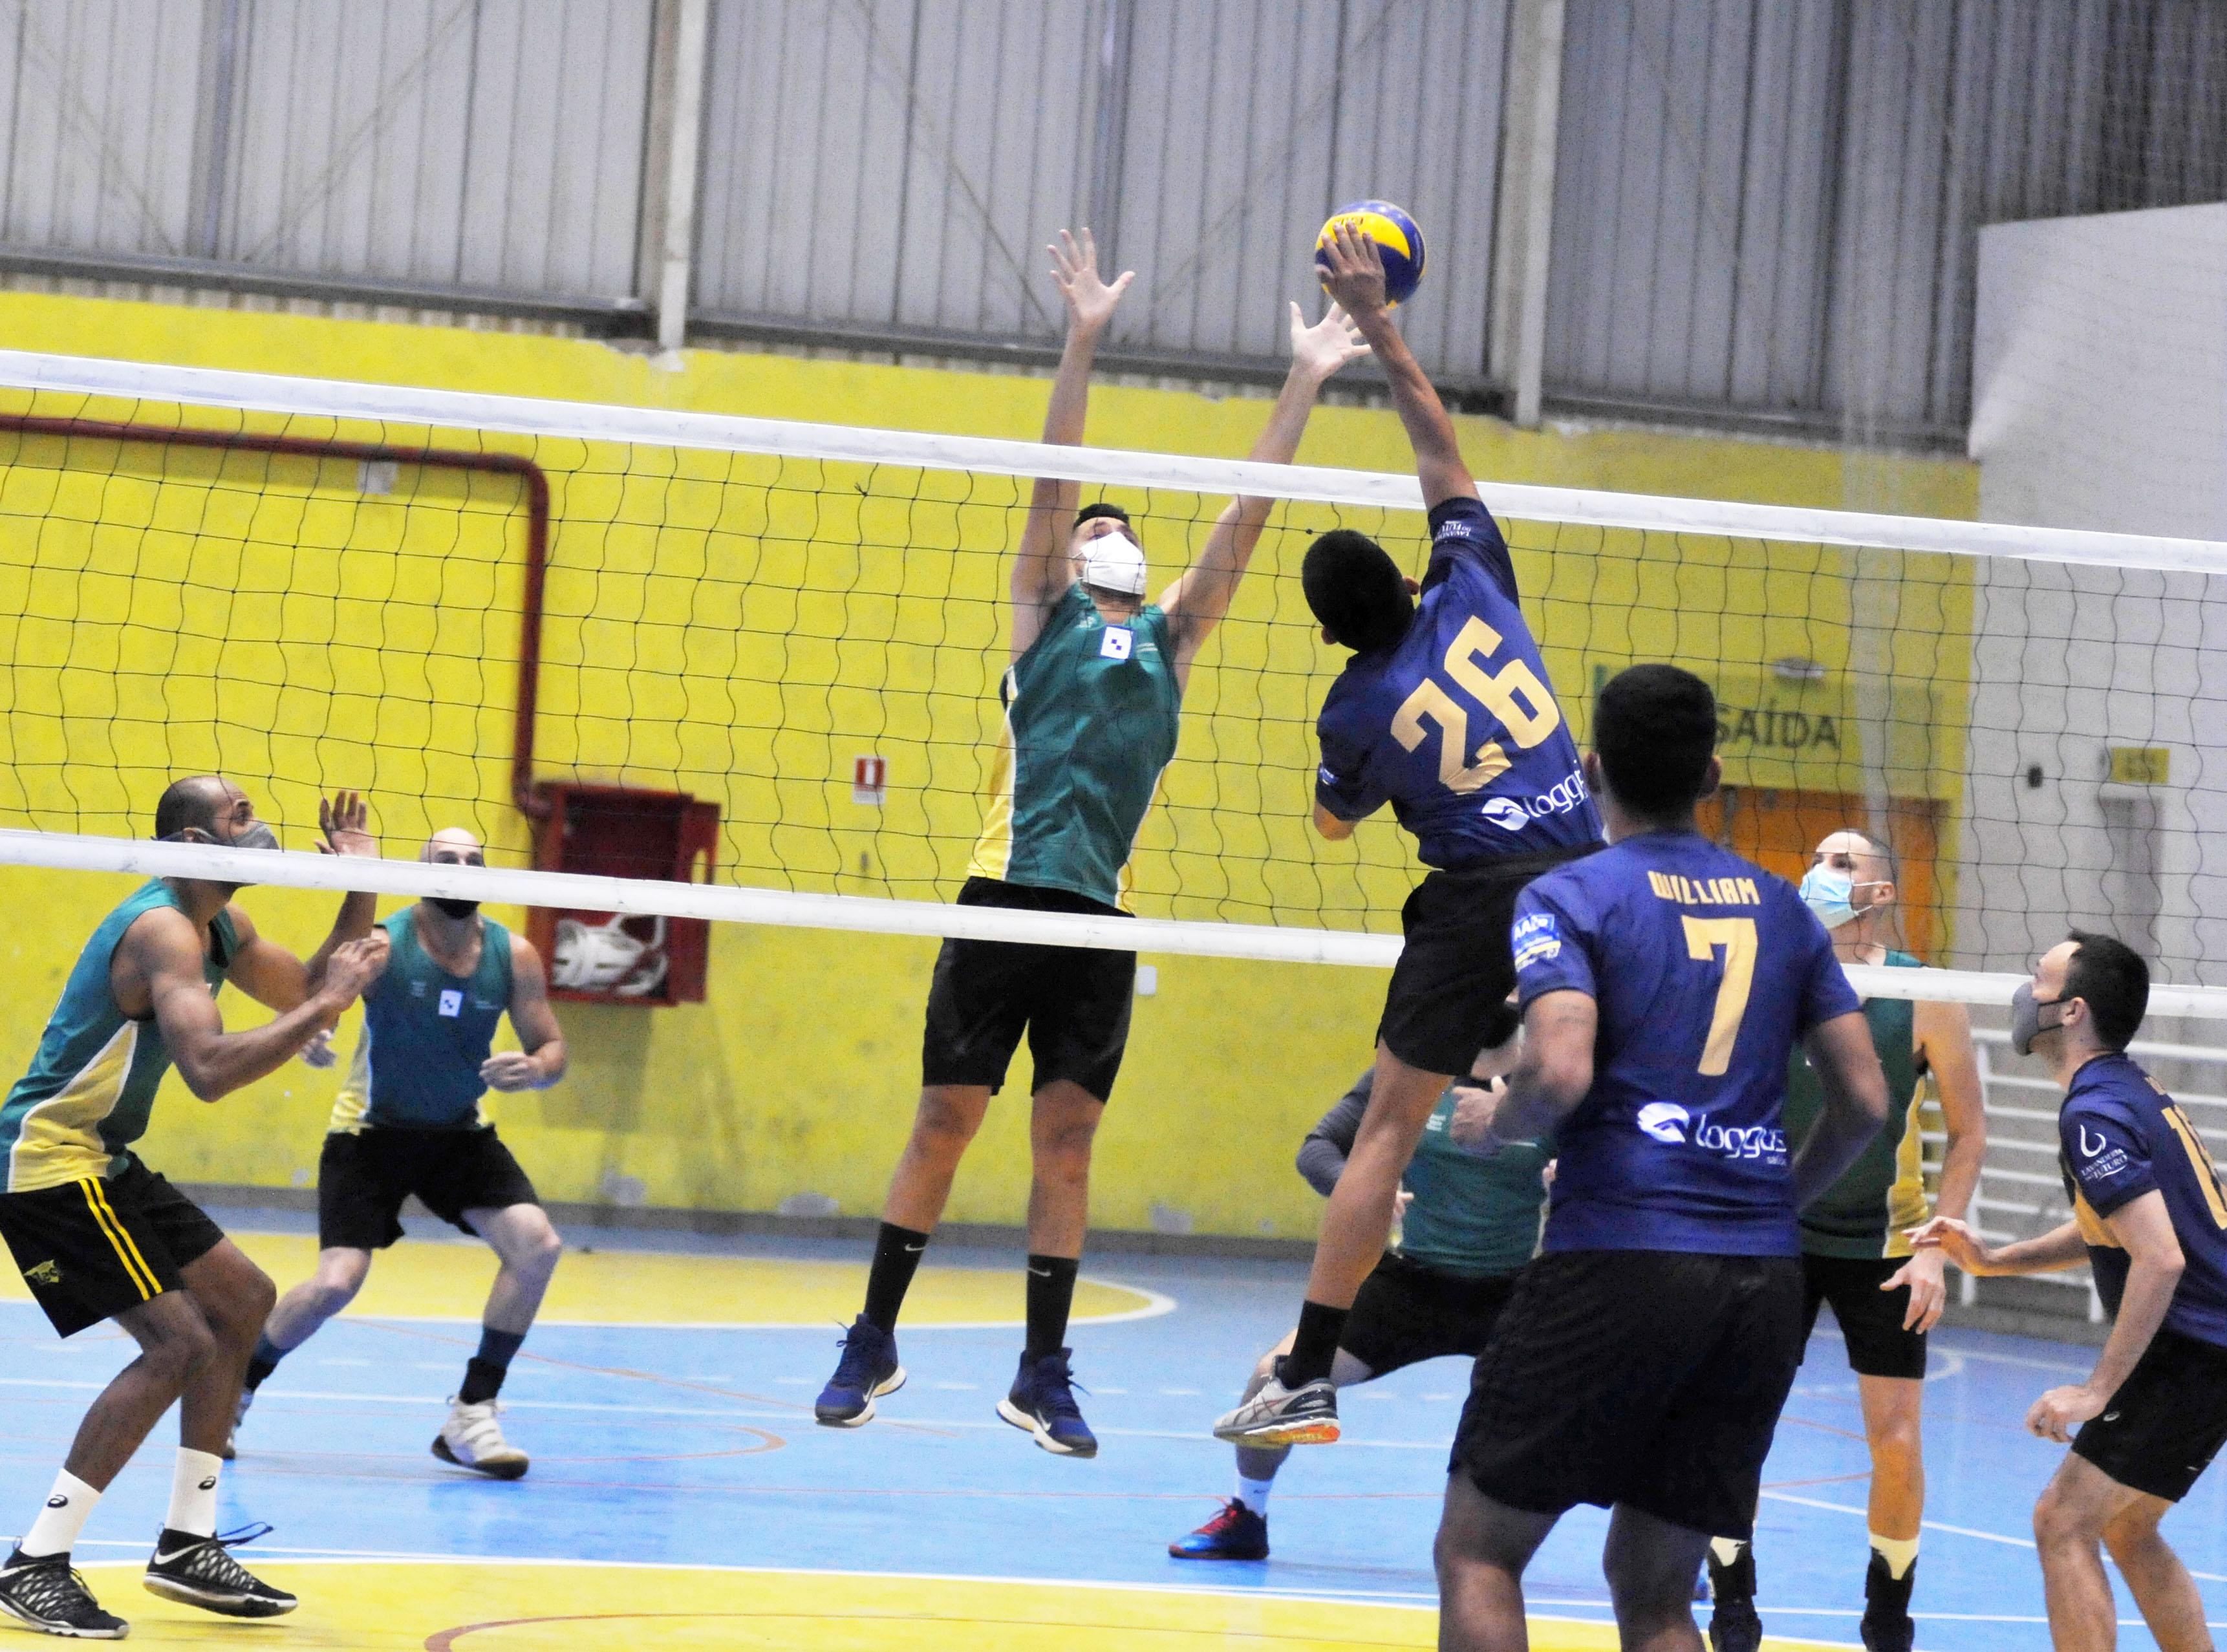 Com oito equipes, Campeonato de Vôlei Masculino começa em Petrópolis, RJ.